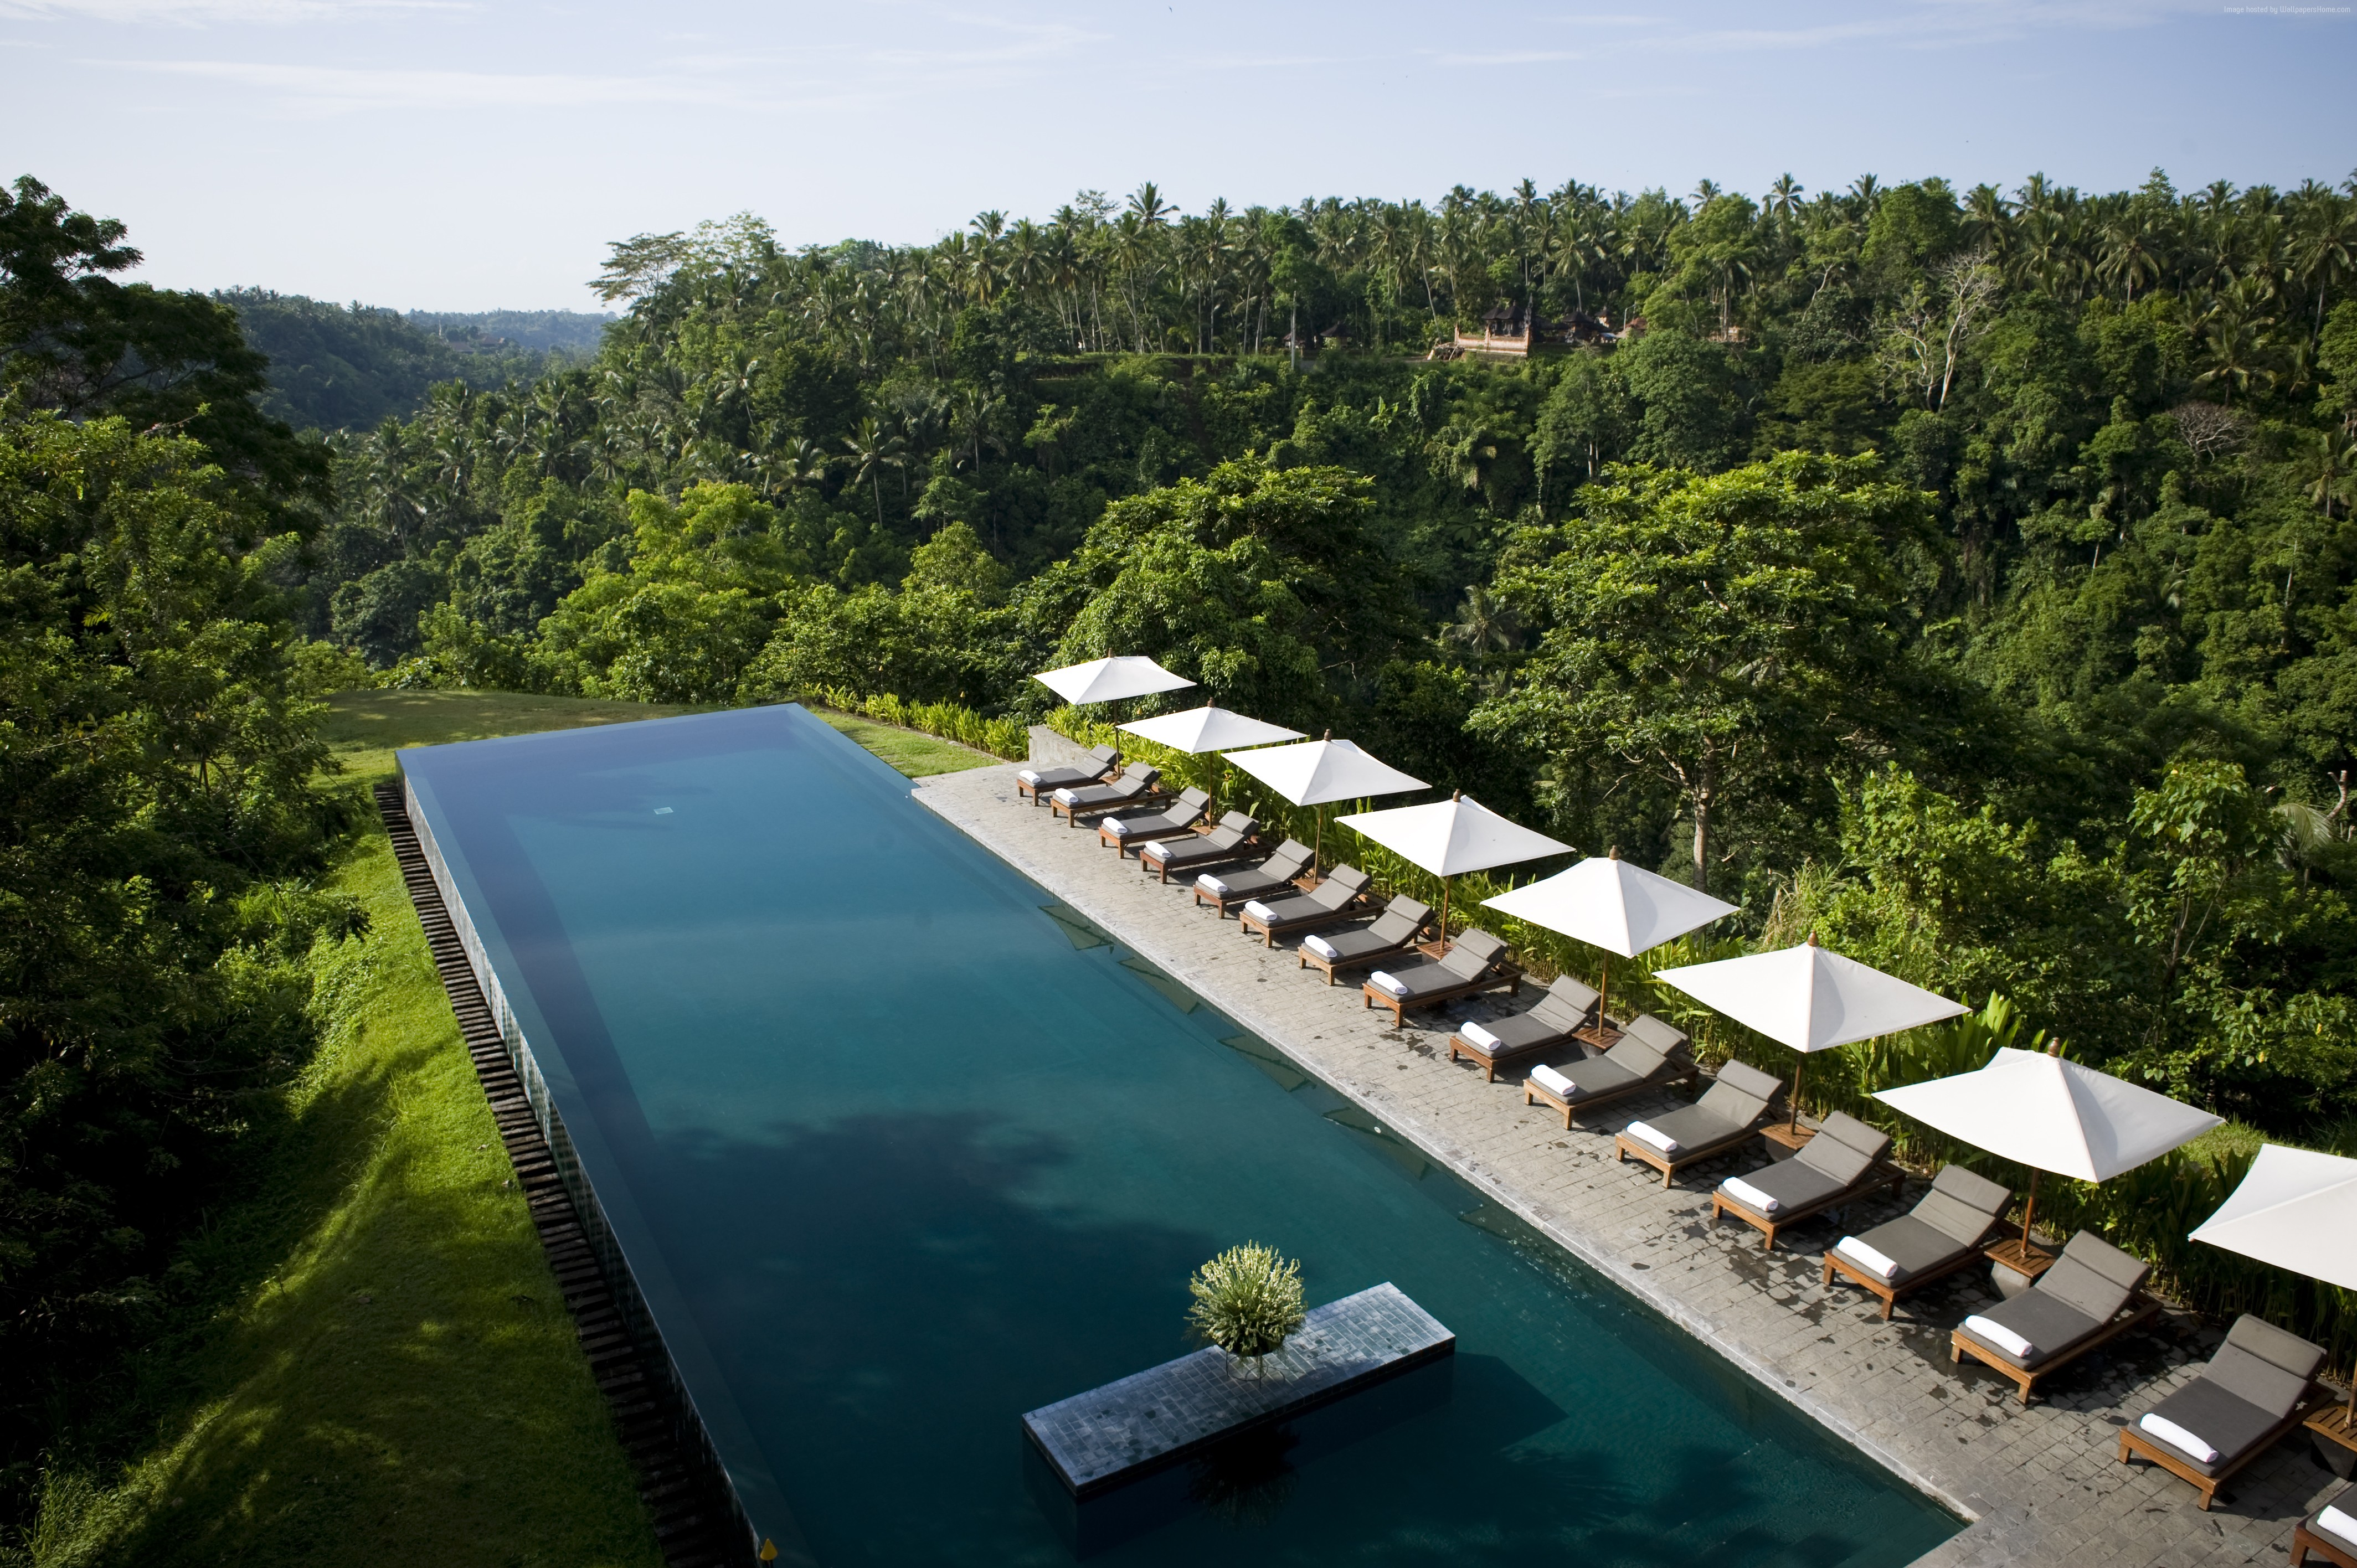 114424 pool Alila Ubud sunbed tourism travel forest 4256x2832